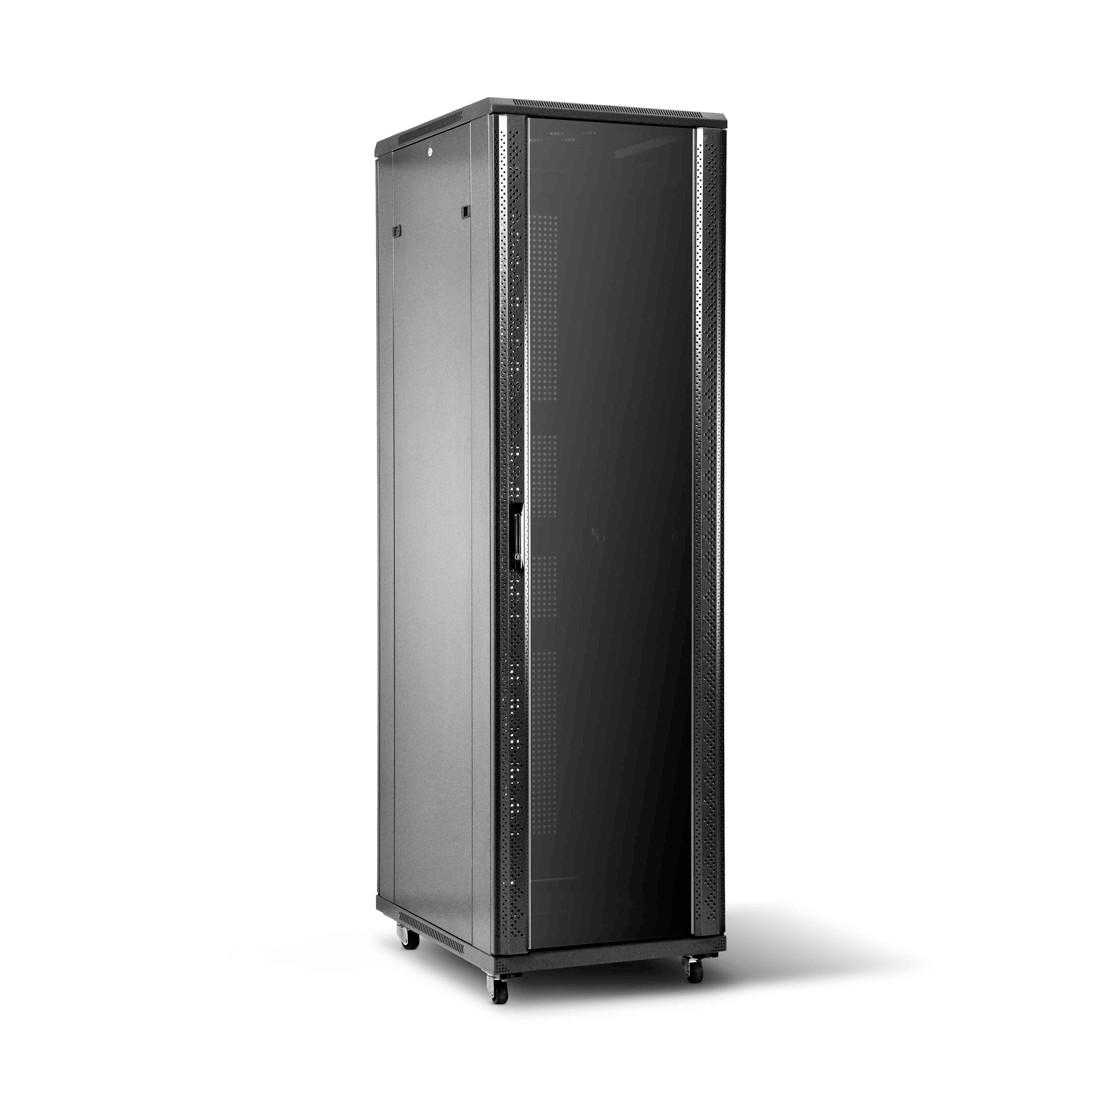 SHIP 601S.8042.24.100 Шкаф серверный 124 серия, 19'' 42U, 800*1000*2000 мм, Ш*Г*В, IP20, Чёрный